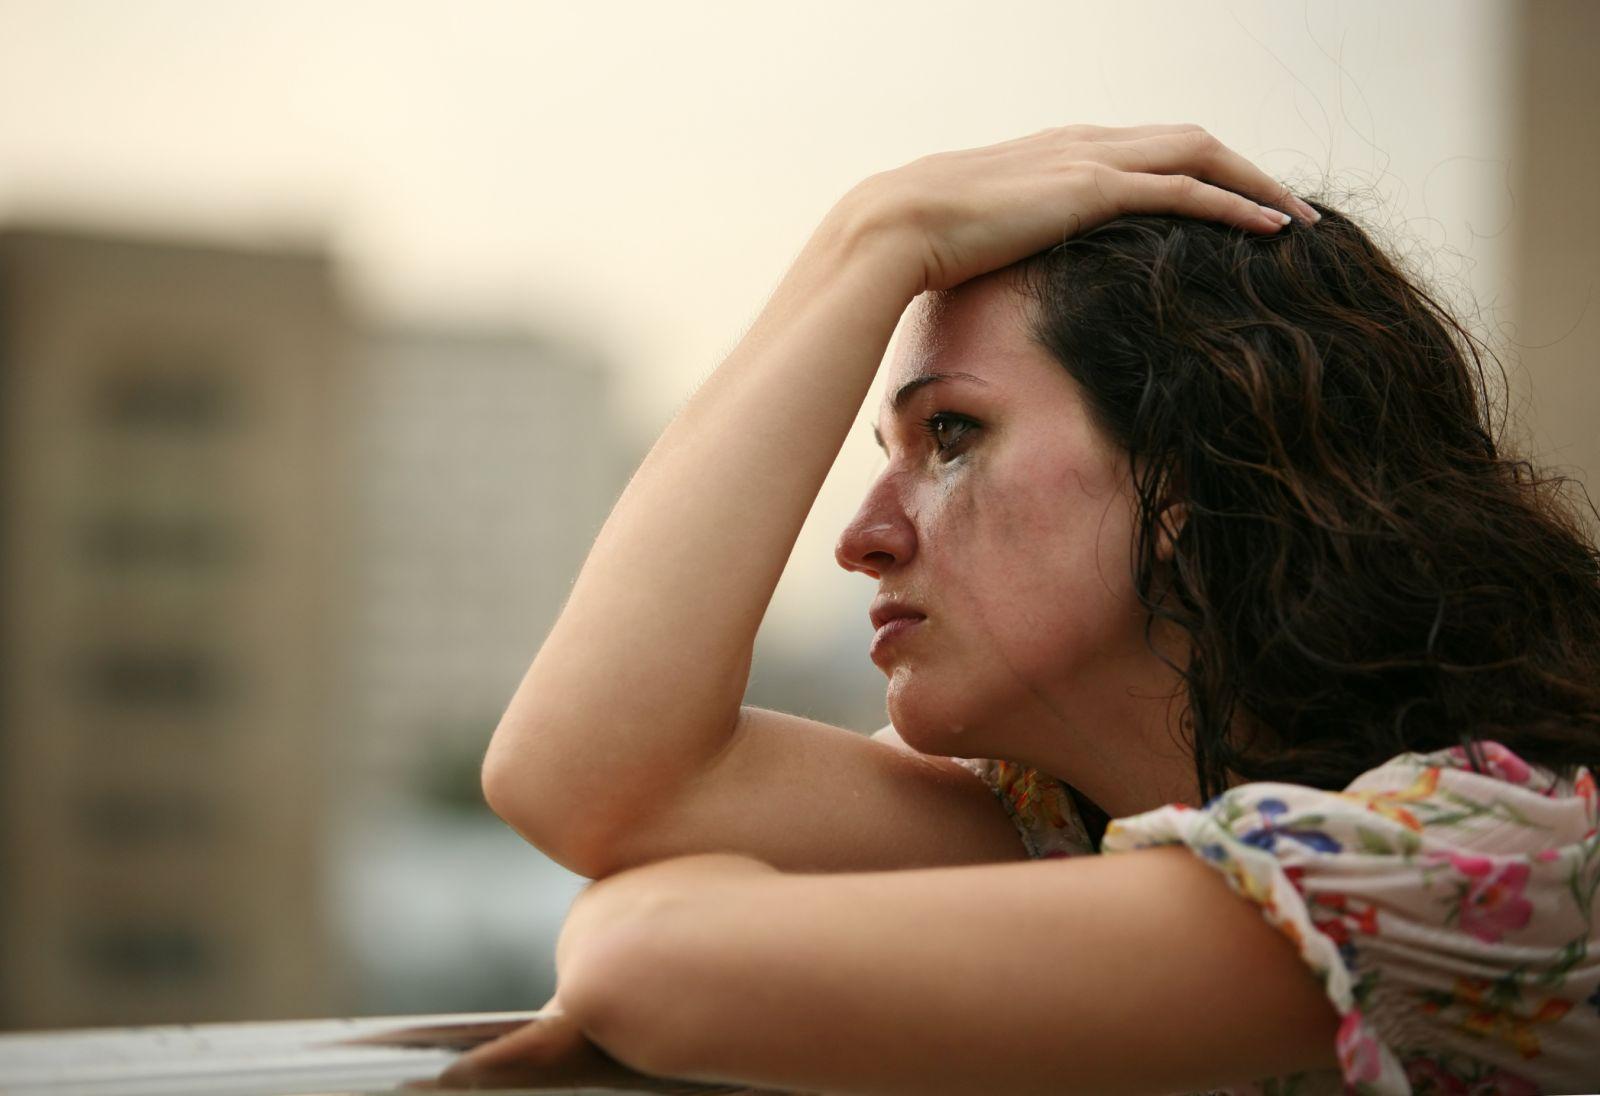 Condiciones como la ansiedad o la depresión pueden tener un gran efecto sobre la salud general del cerebro